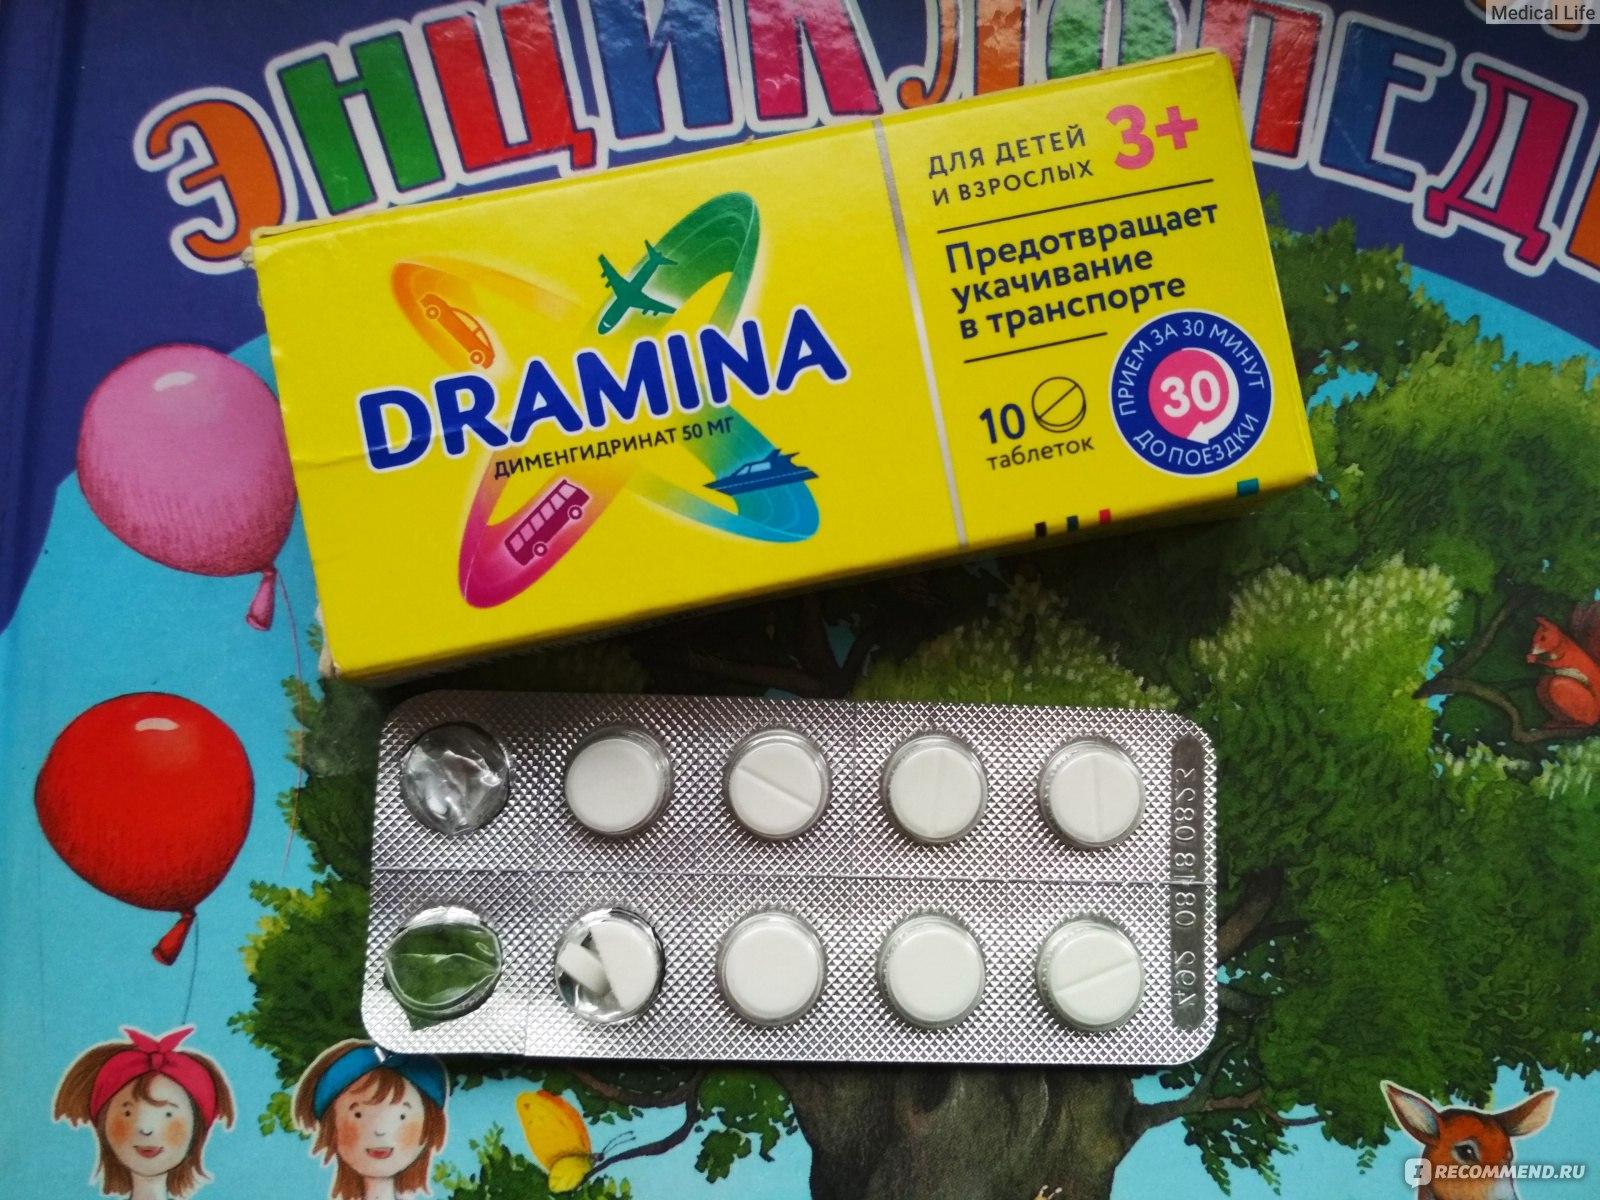 Средства от укачивания для детей и взрослых - описание и инструкция по применению препаратов